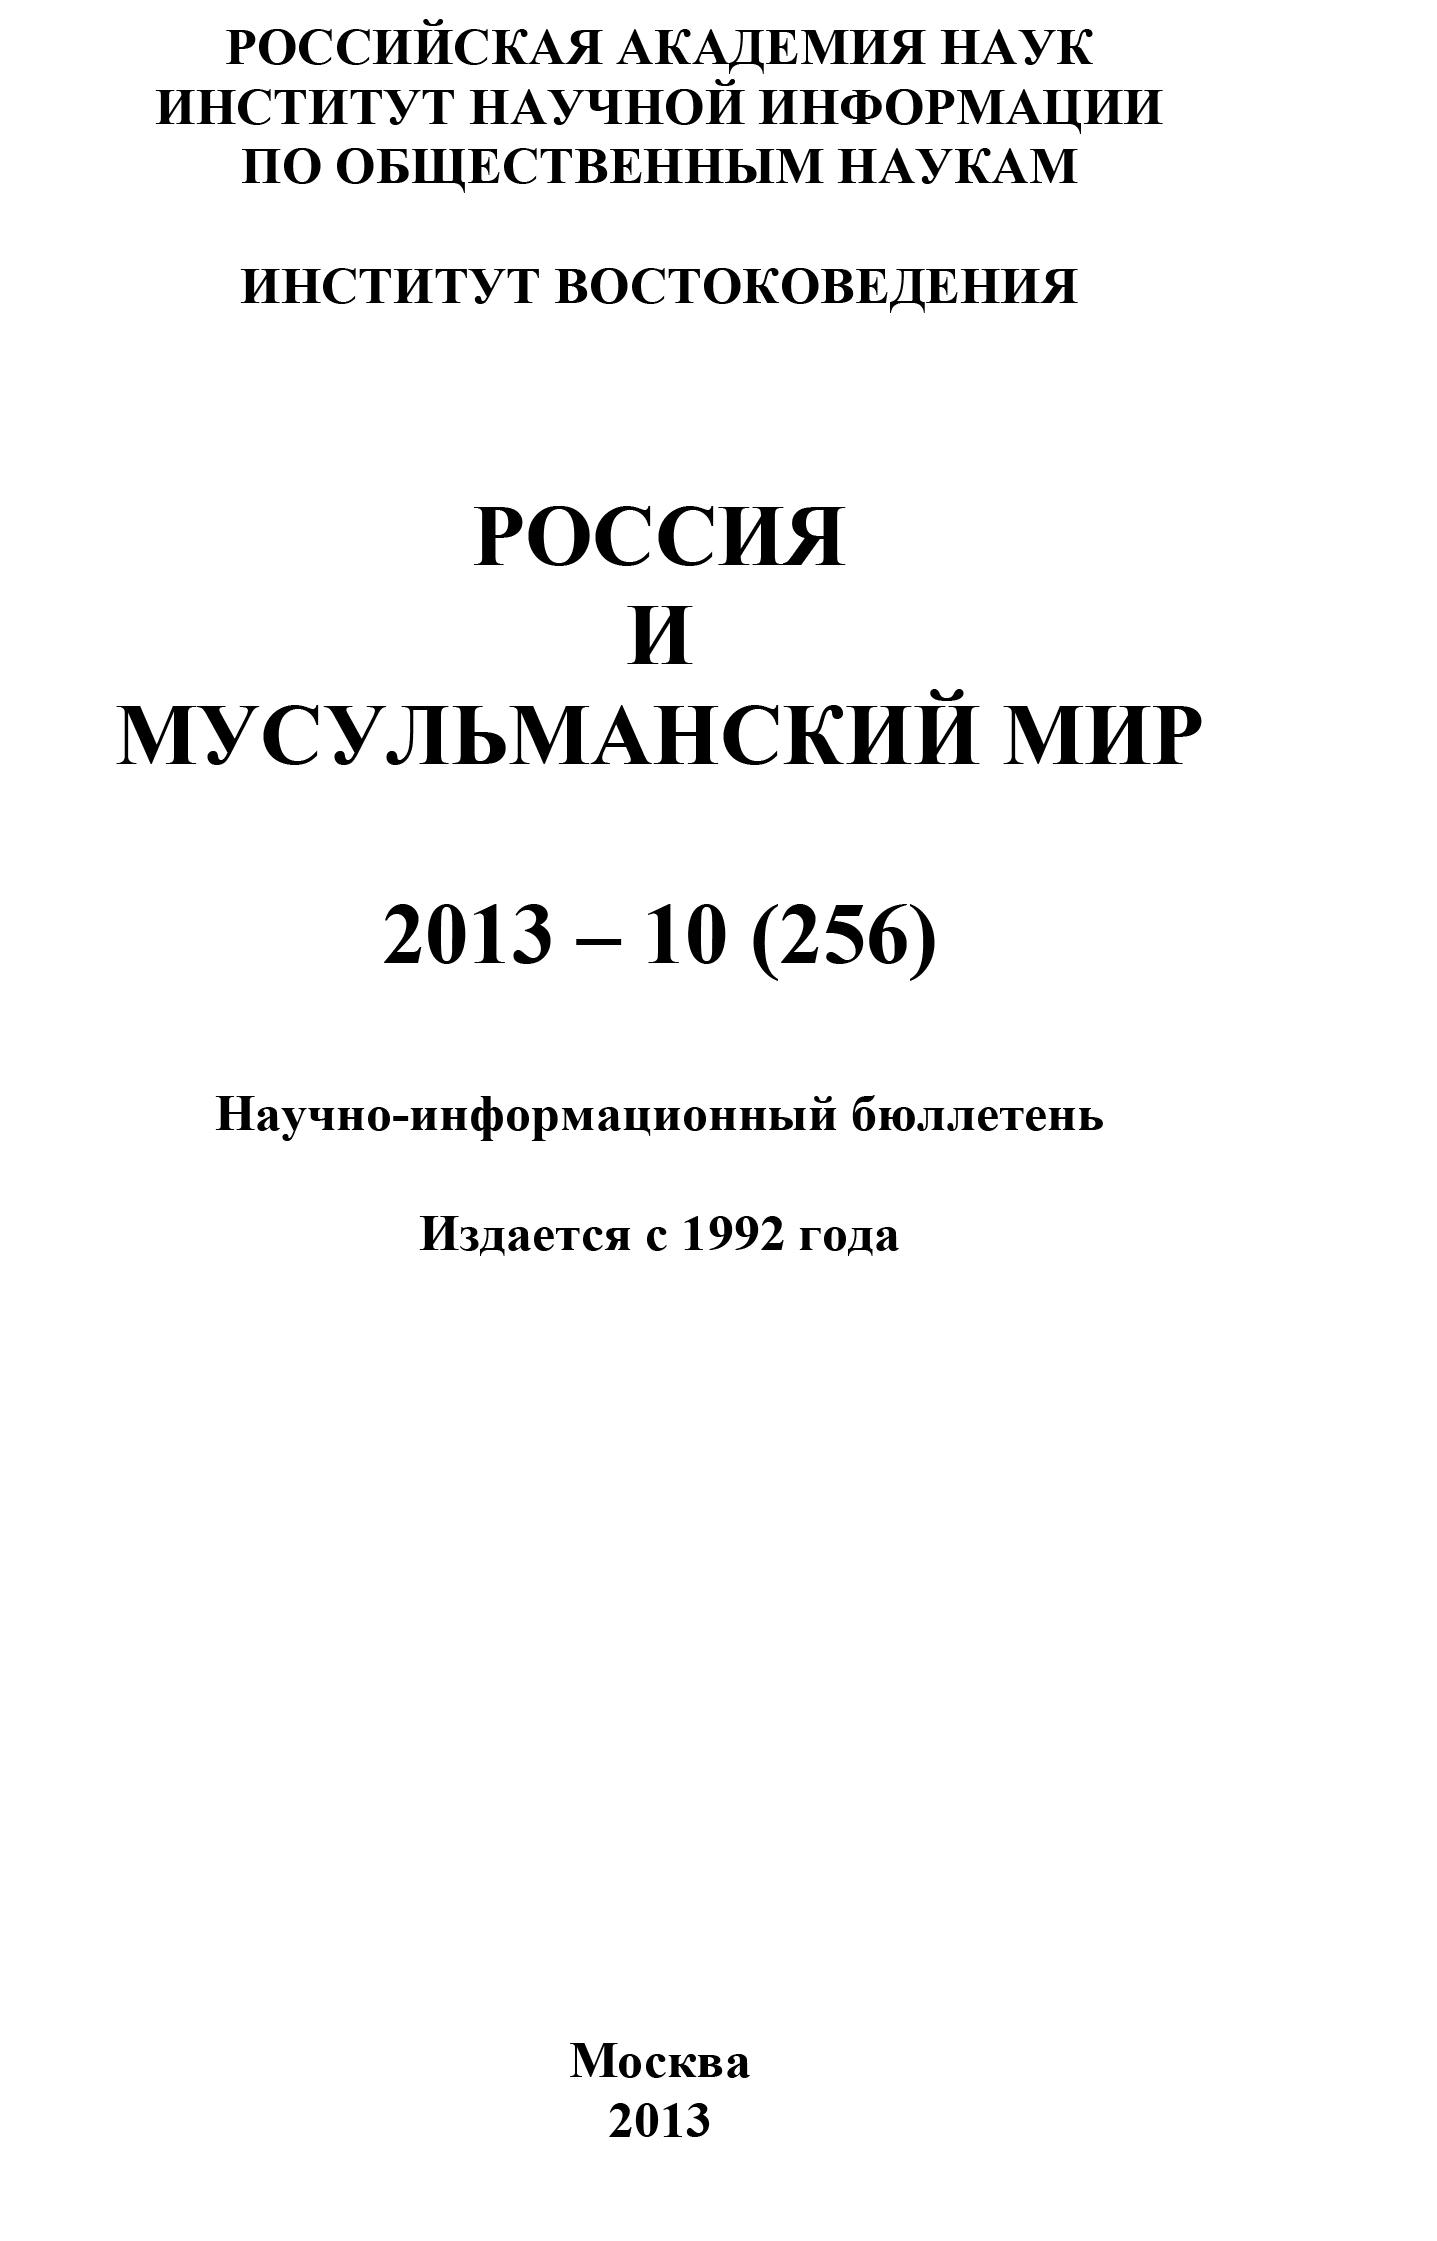 Россия и мусульманский мир № 10 / 2013